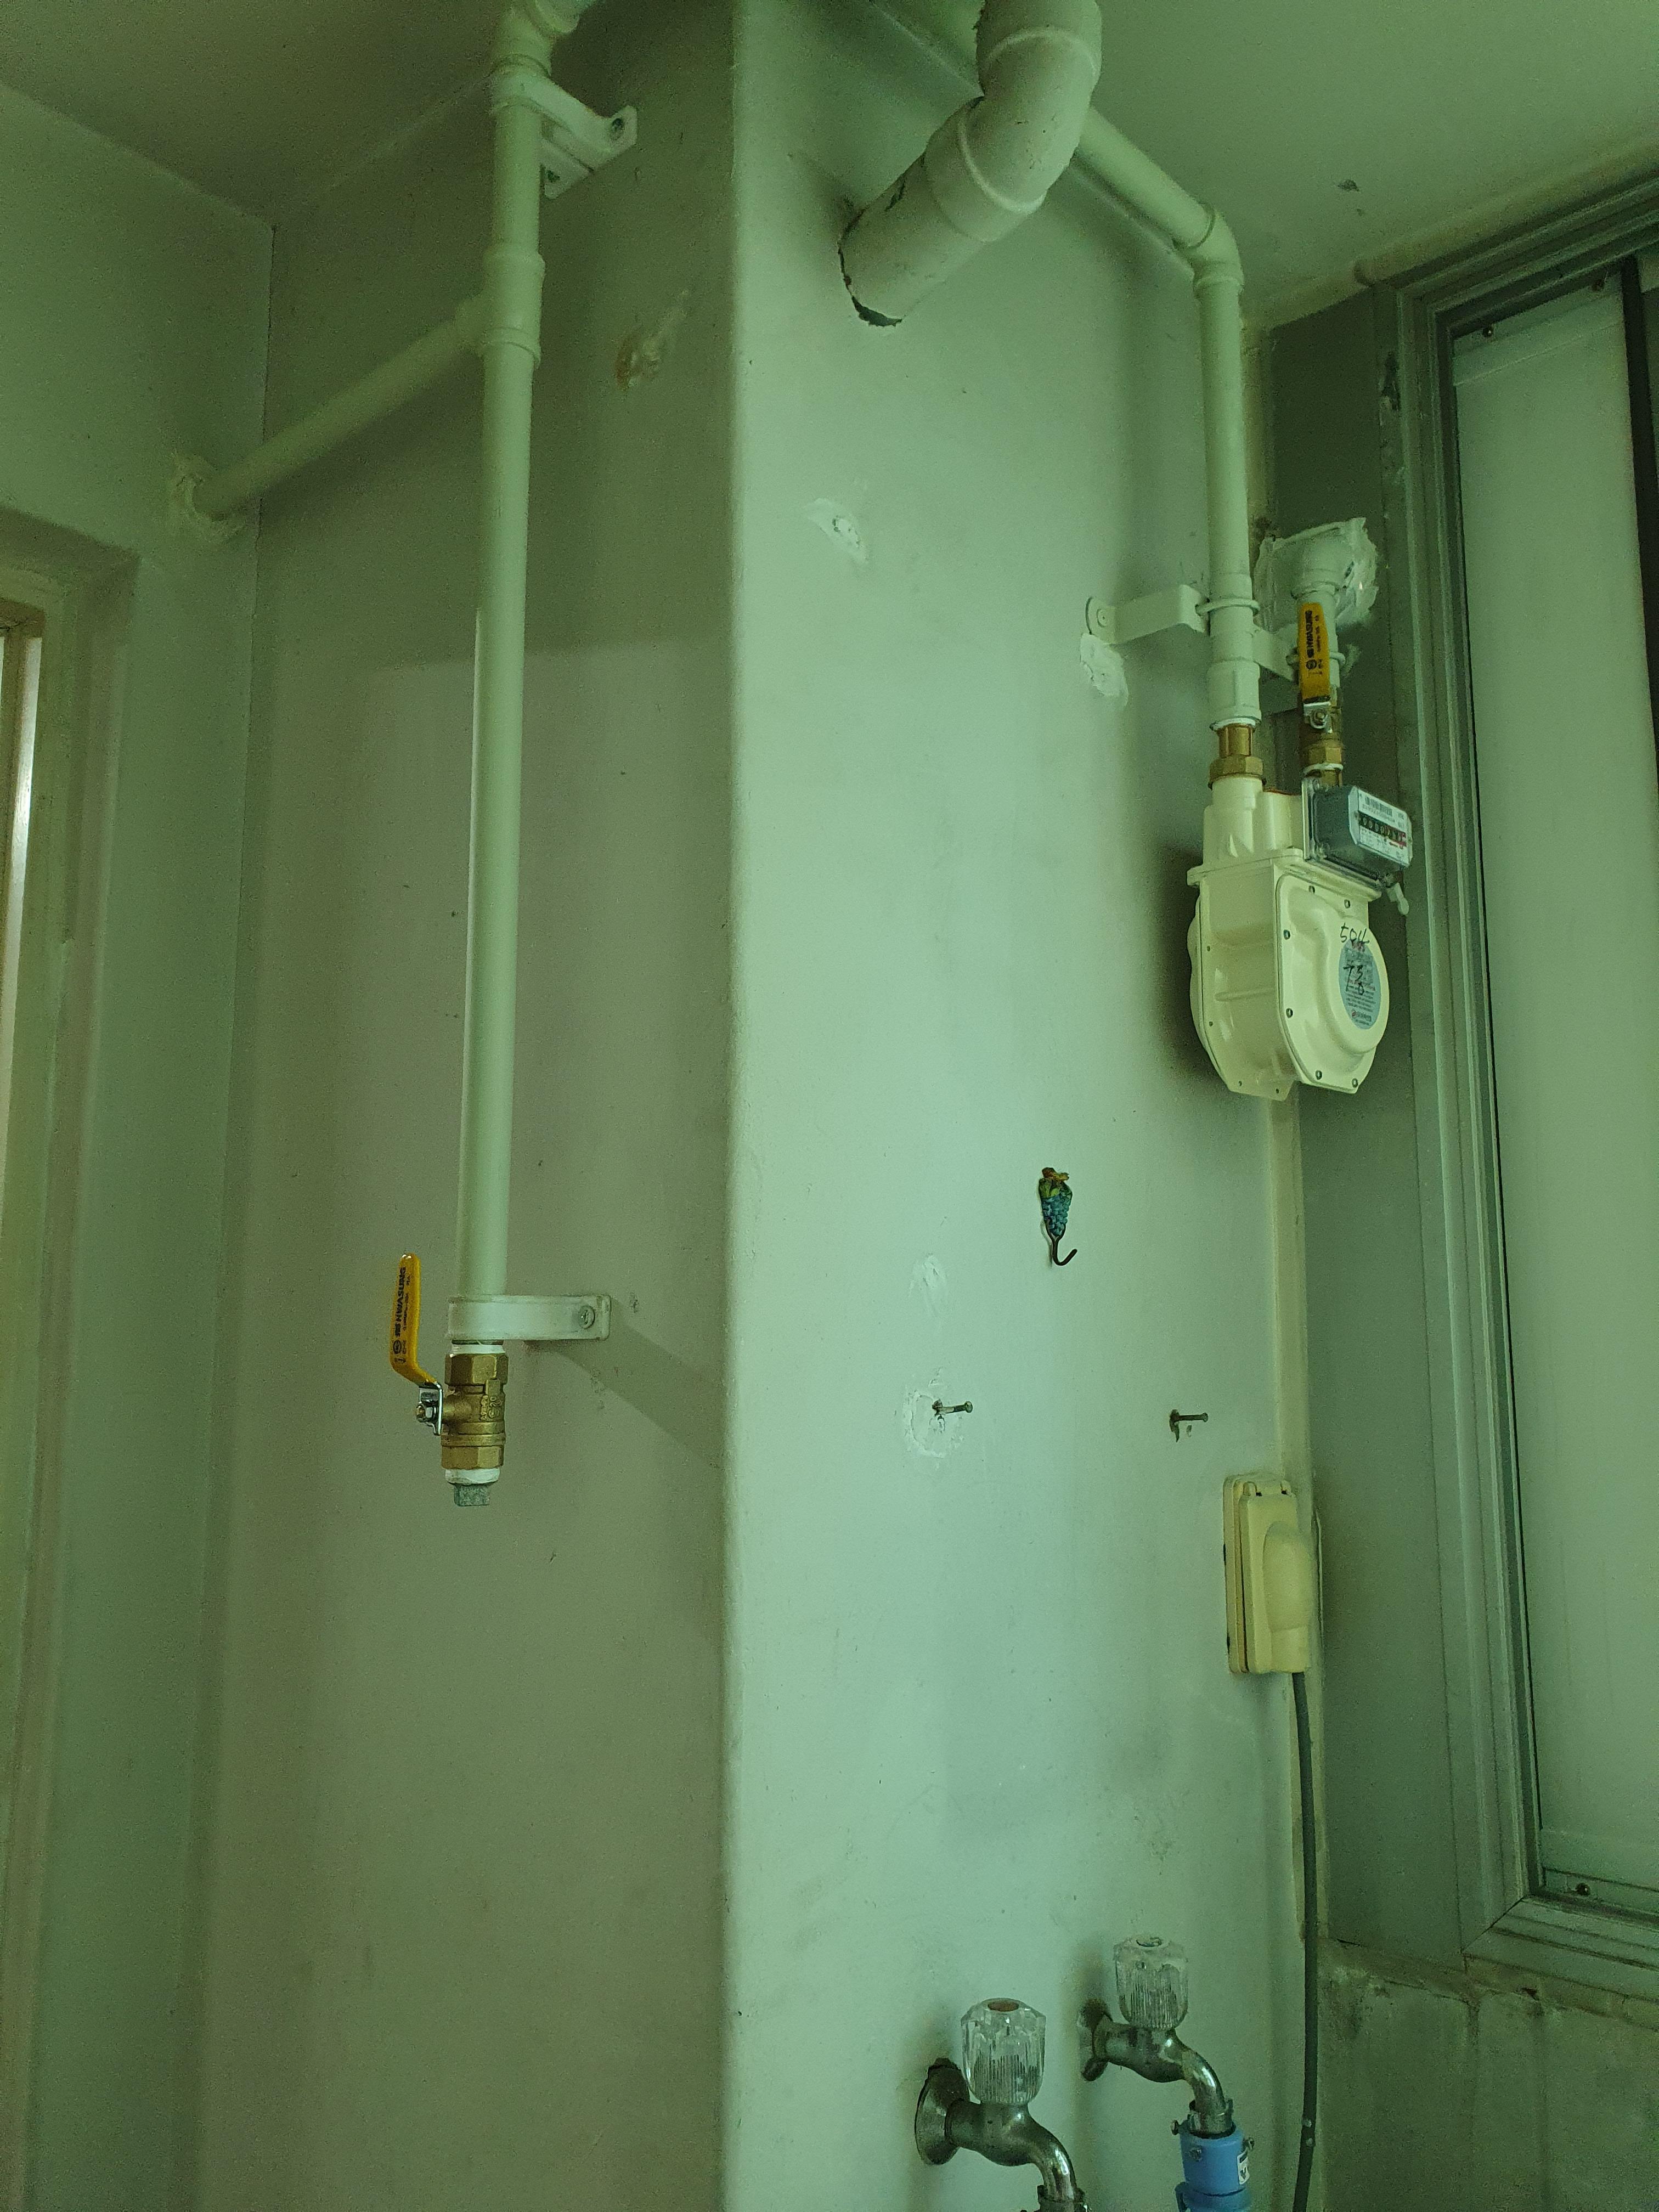 기록남김8/ 아파트 개별난방공사(3)-2, 보일러 설치와 분배기 교체 : 6시간반이 걸렸다.